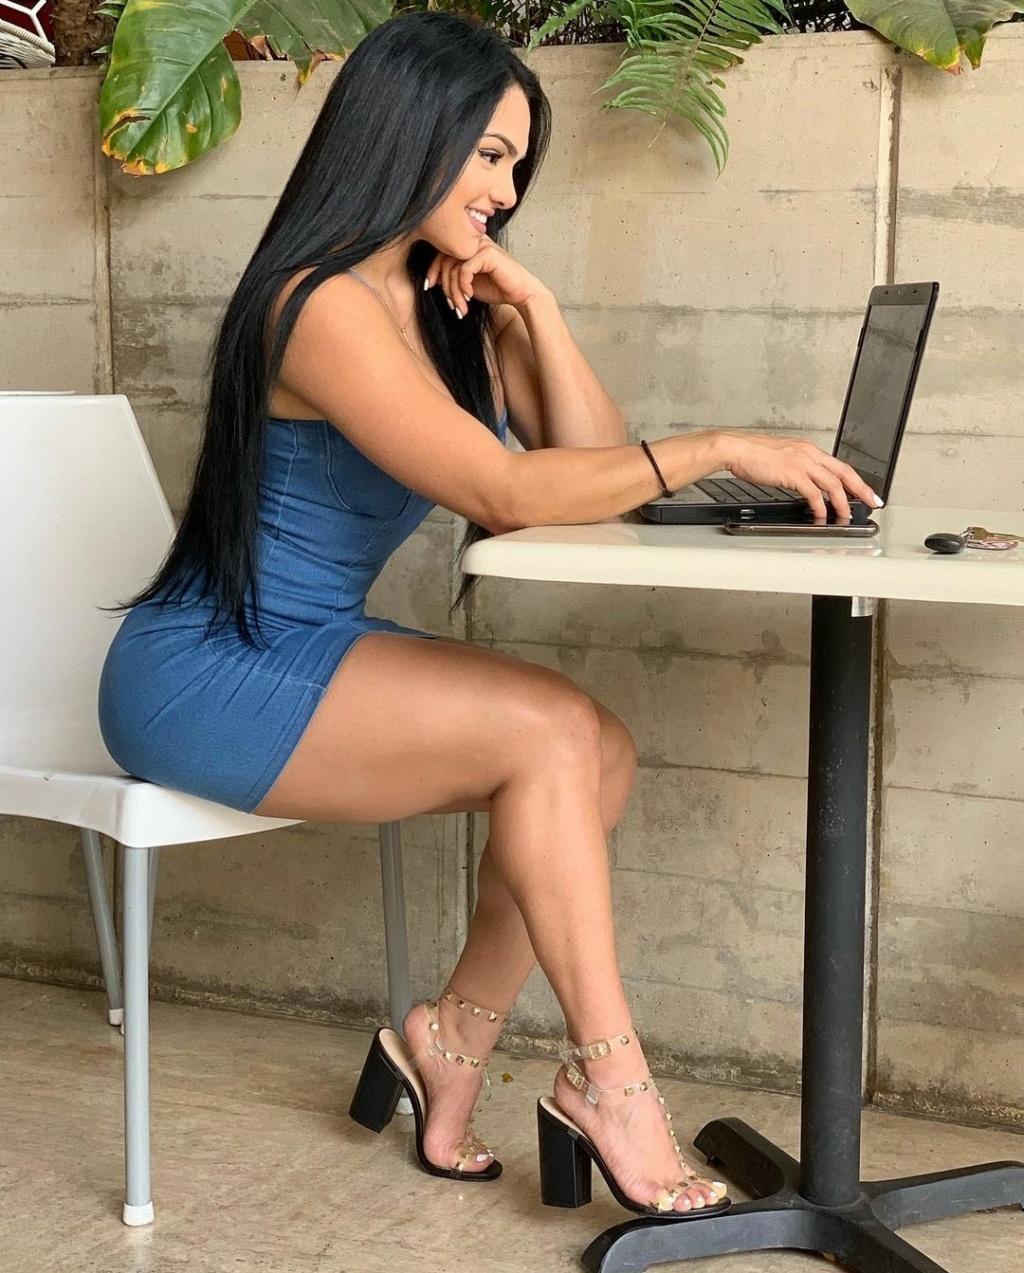 DEBATE sobre belleza, guapura y hermosura (fotos de chicas latinas, mestizas, y de todo) - VOL II - Página 3 Img_1073